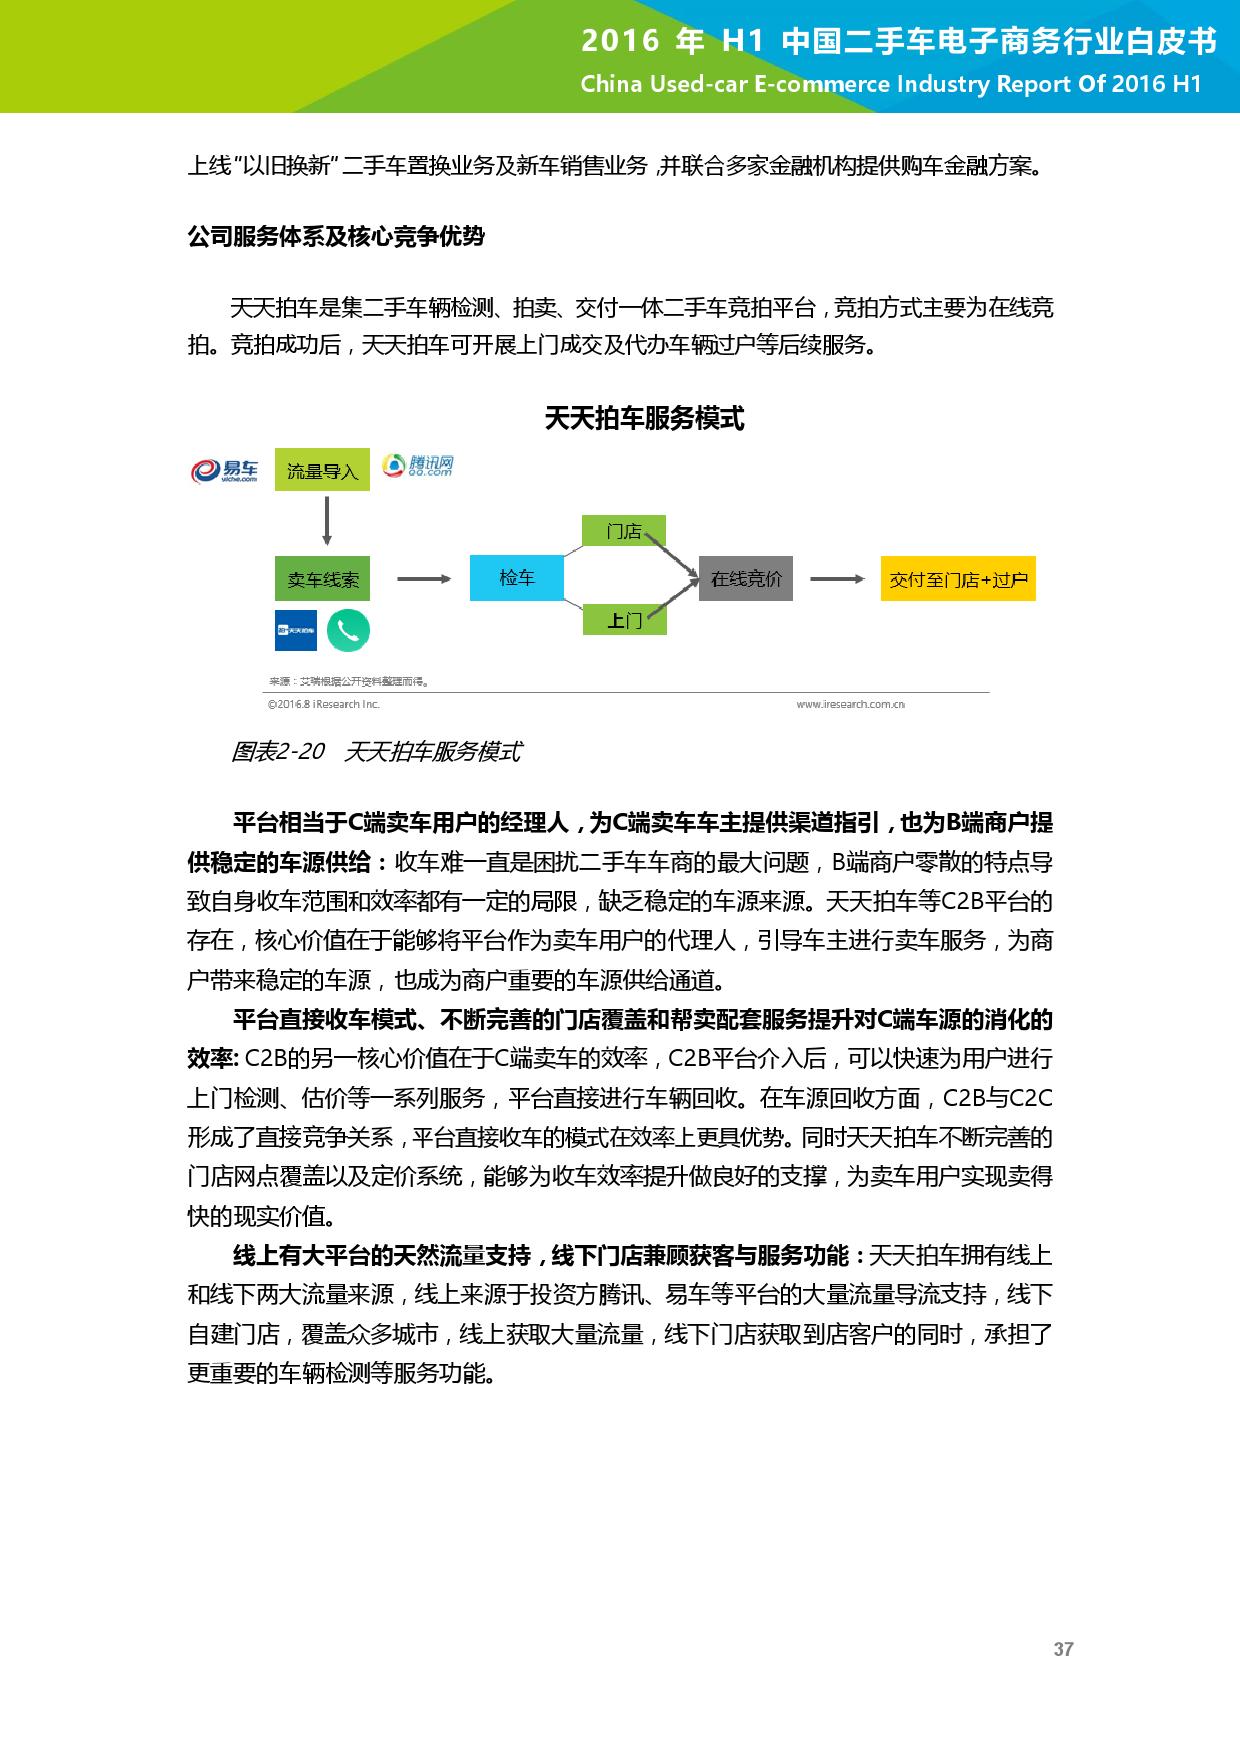 2016年H1中国二手车电子商务行业白皮书_000038